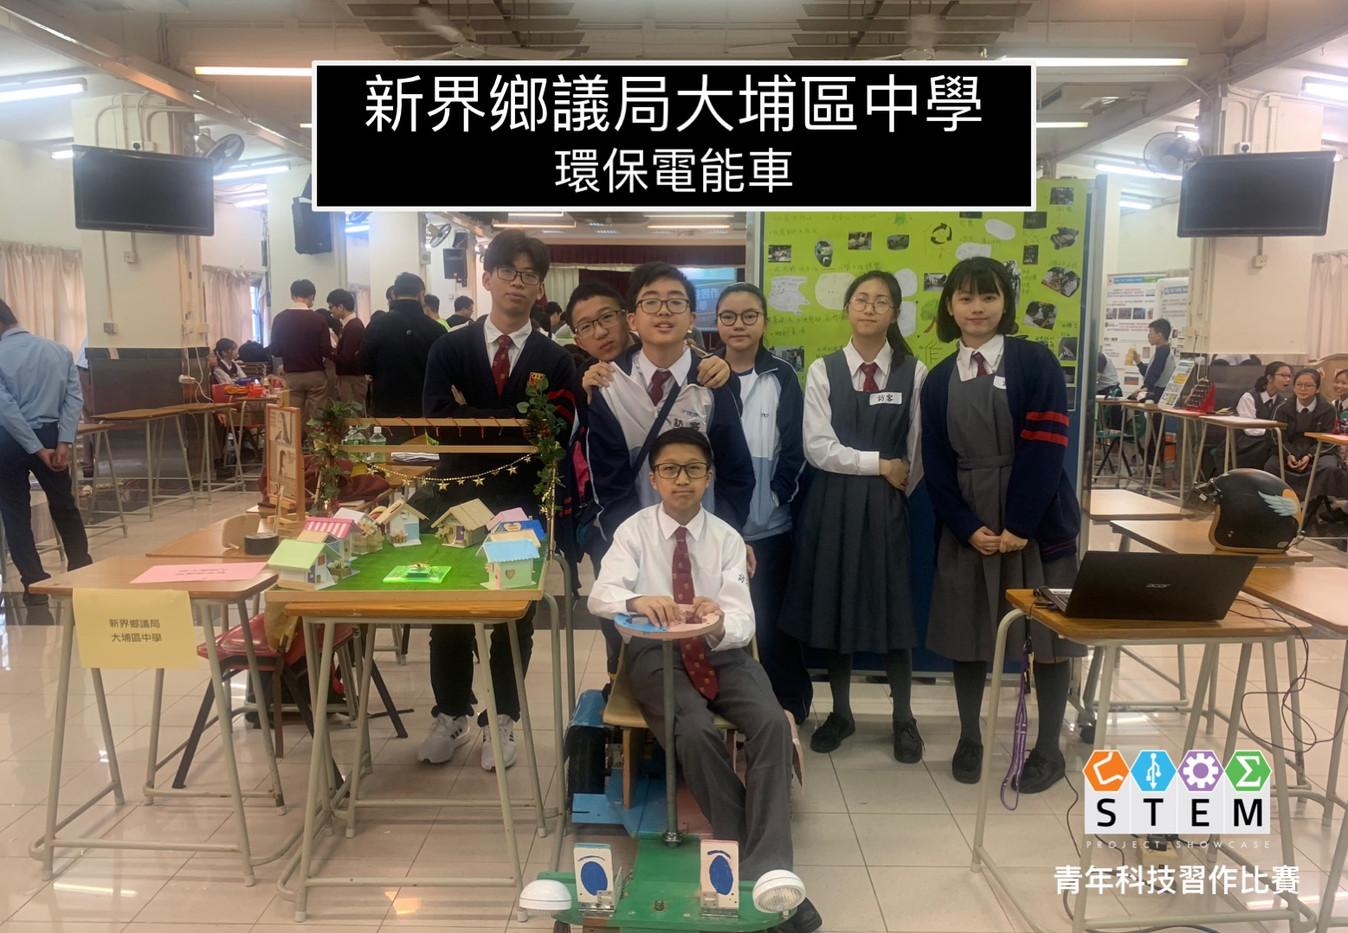 新界鄉議局大埔區中學